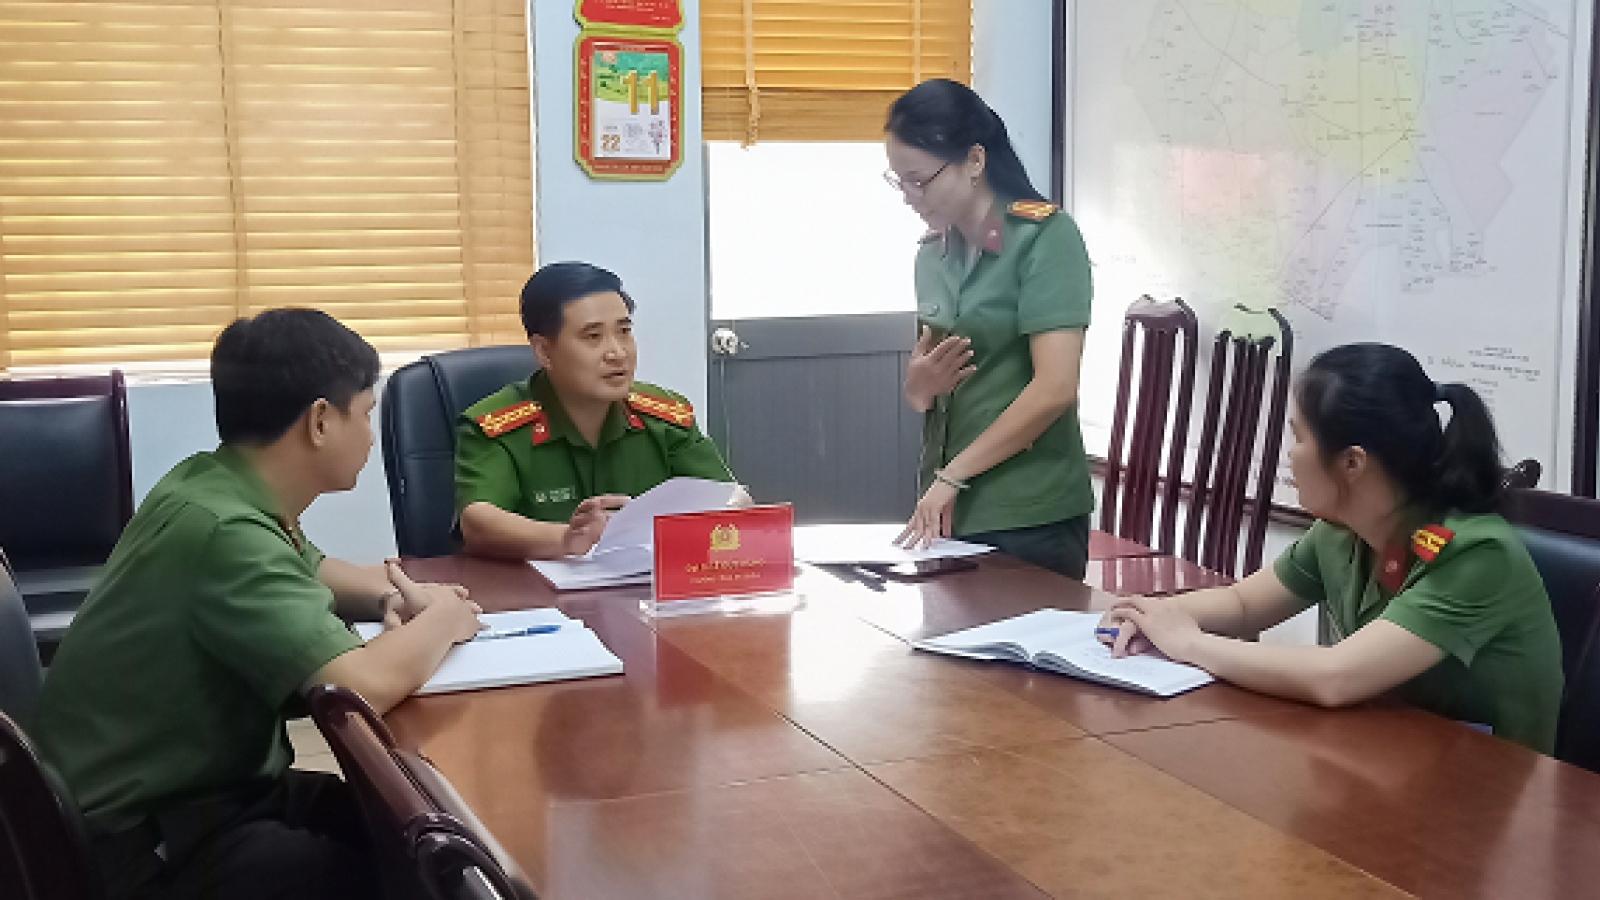 Trưởng công an quận Bắc Từ Liêm: Trực tiếp phá án, không nề gian khổ